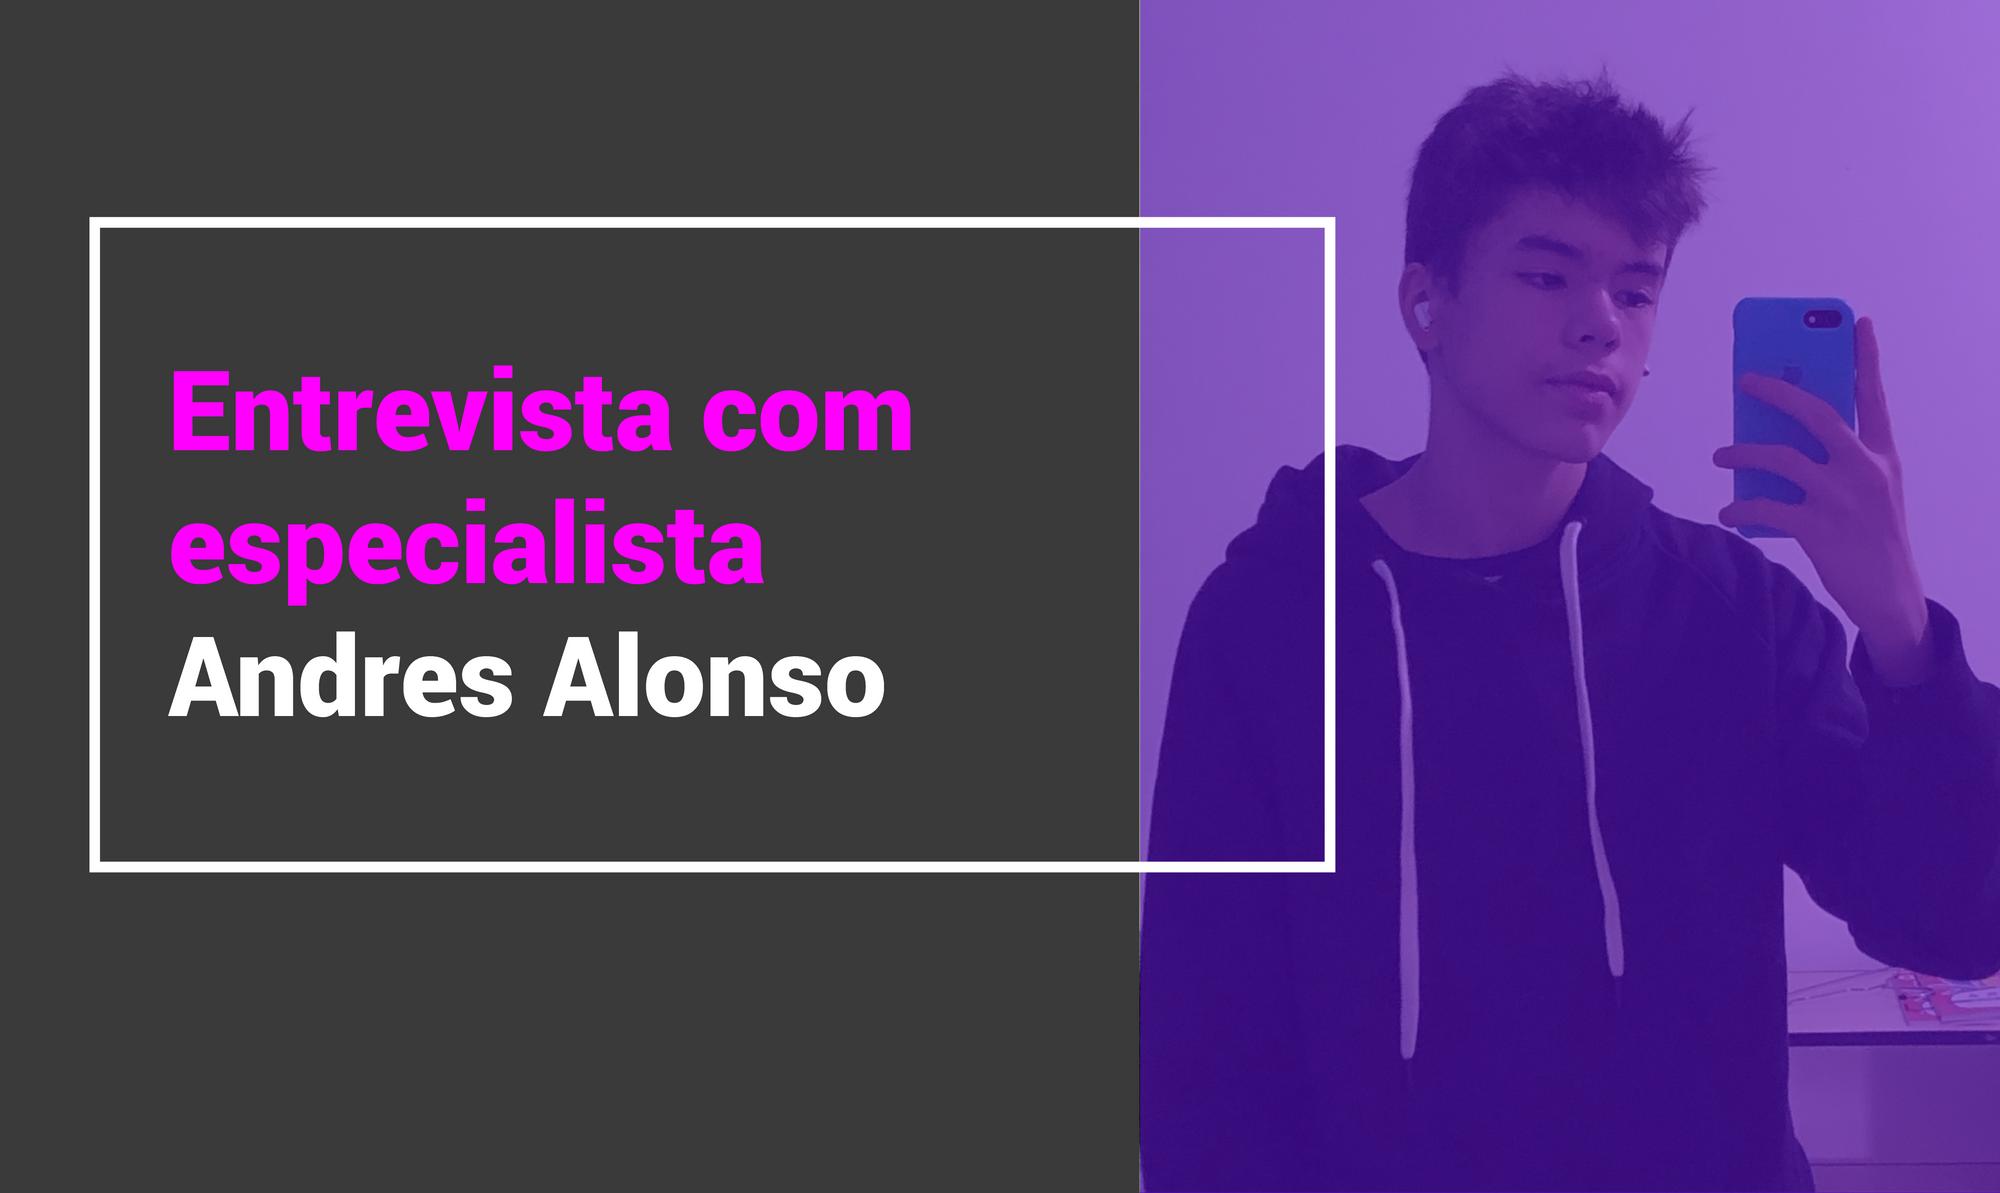 Entrevista com especialista Andres Alonso